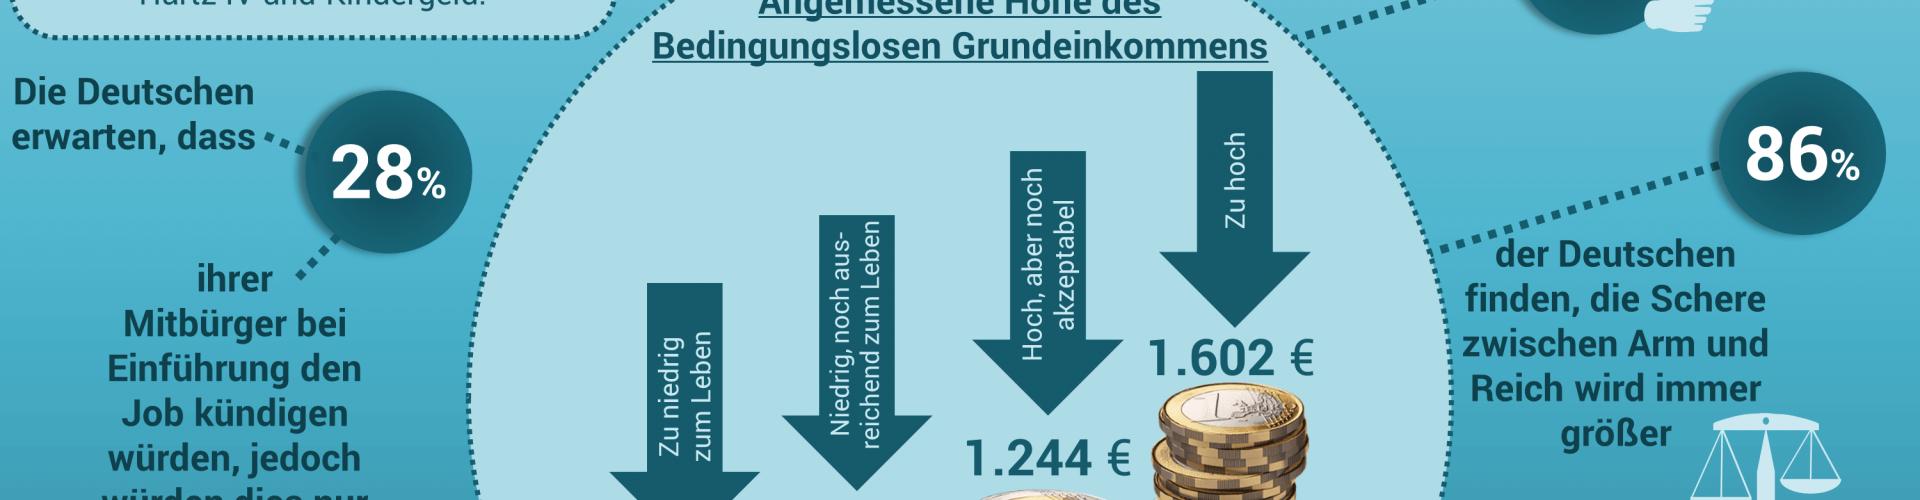 Studie: Fast 60 Prozent der Deutschen befürworten Bedingungsloses Grundeinkommen